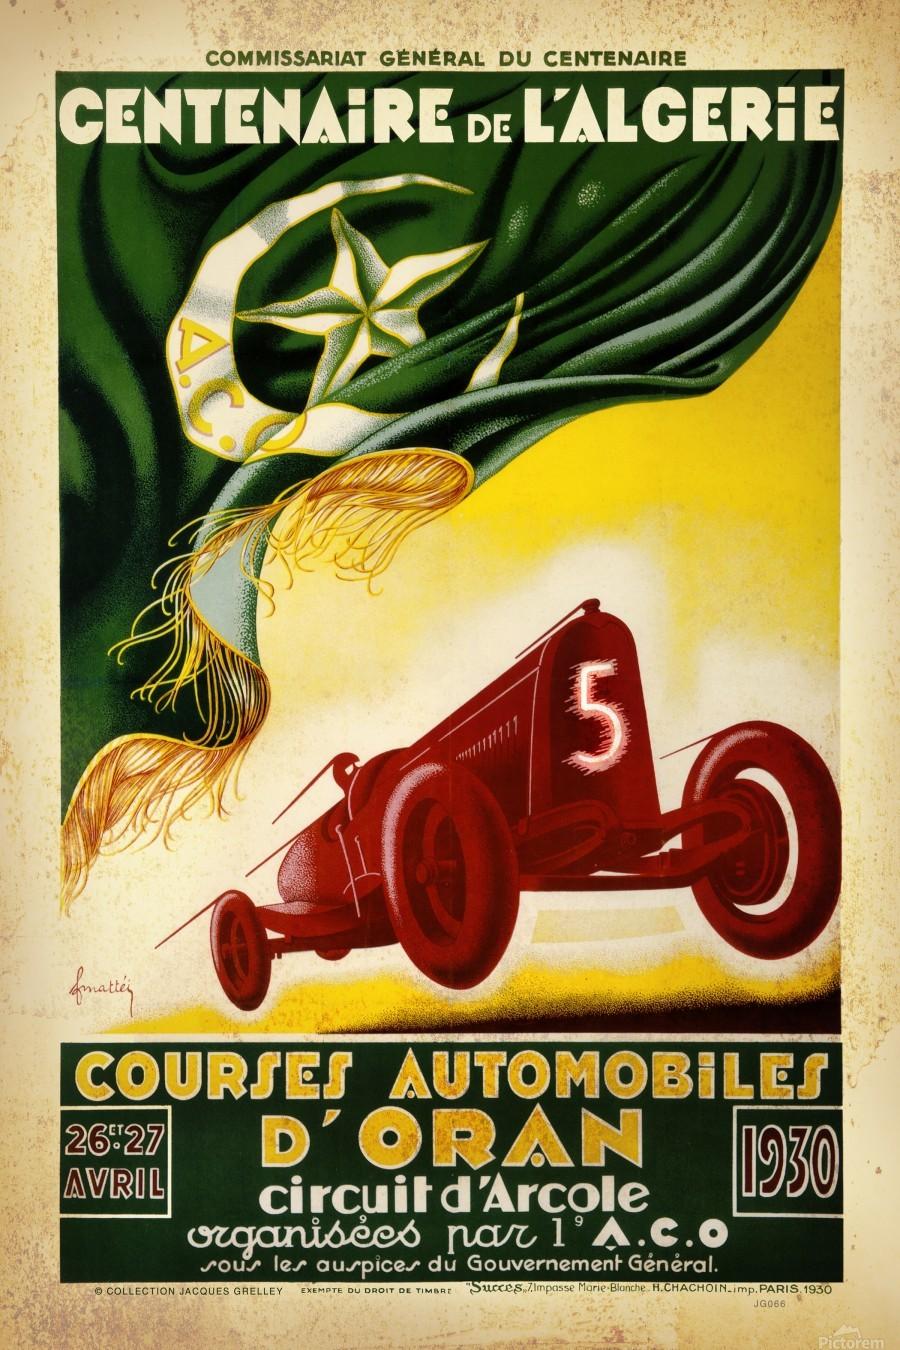 Centenaire L'Algerie Courses Automobiles D'Oran 1930  Print